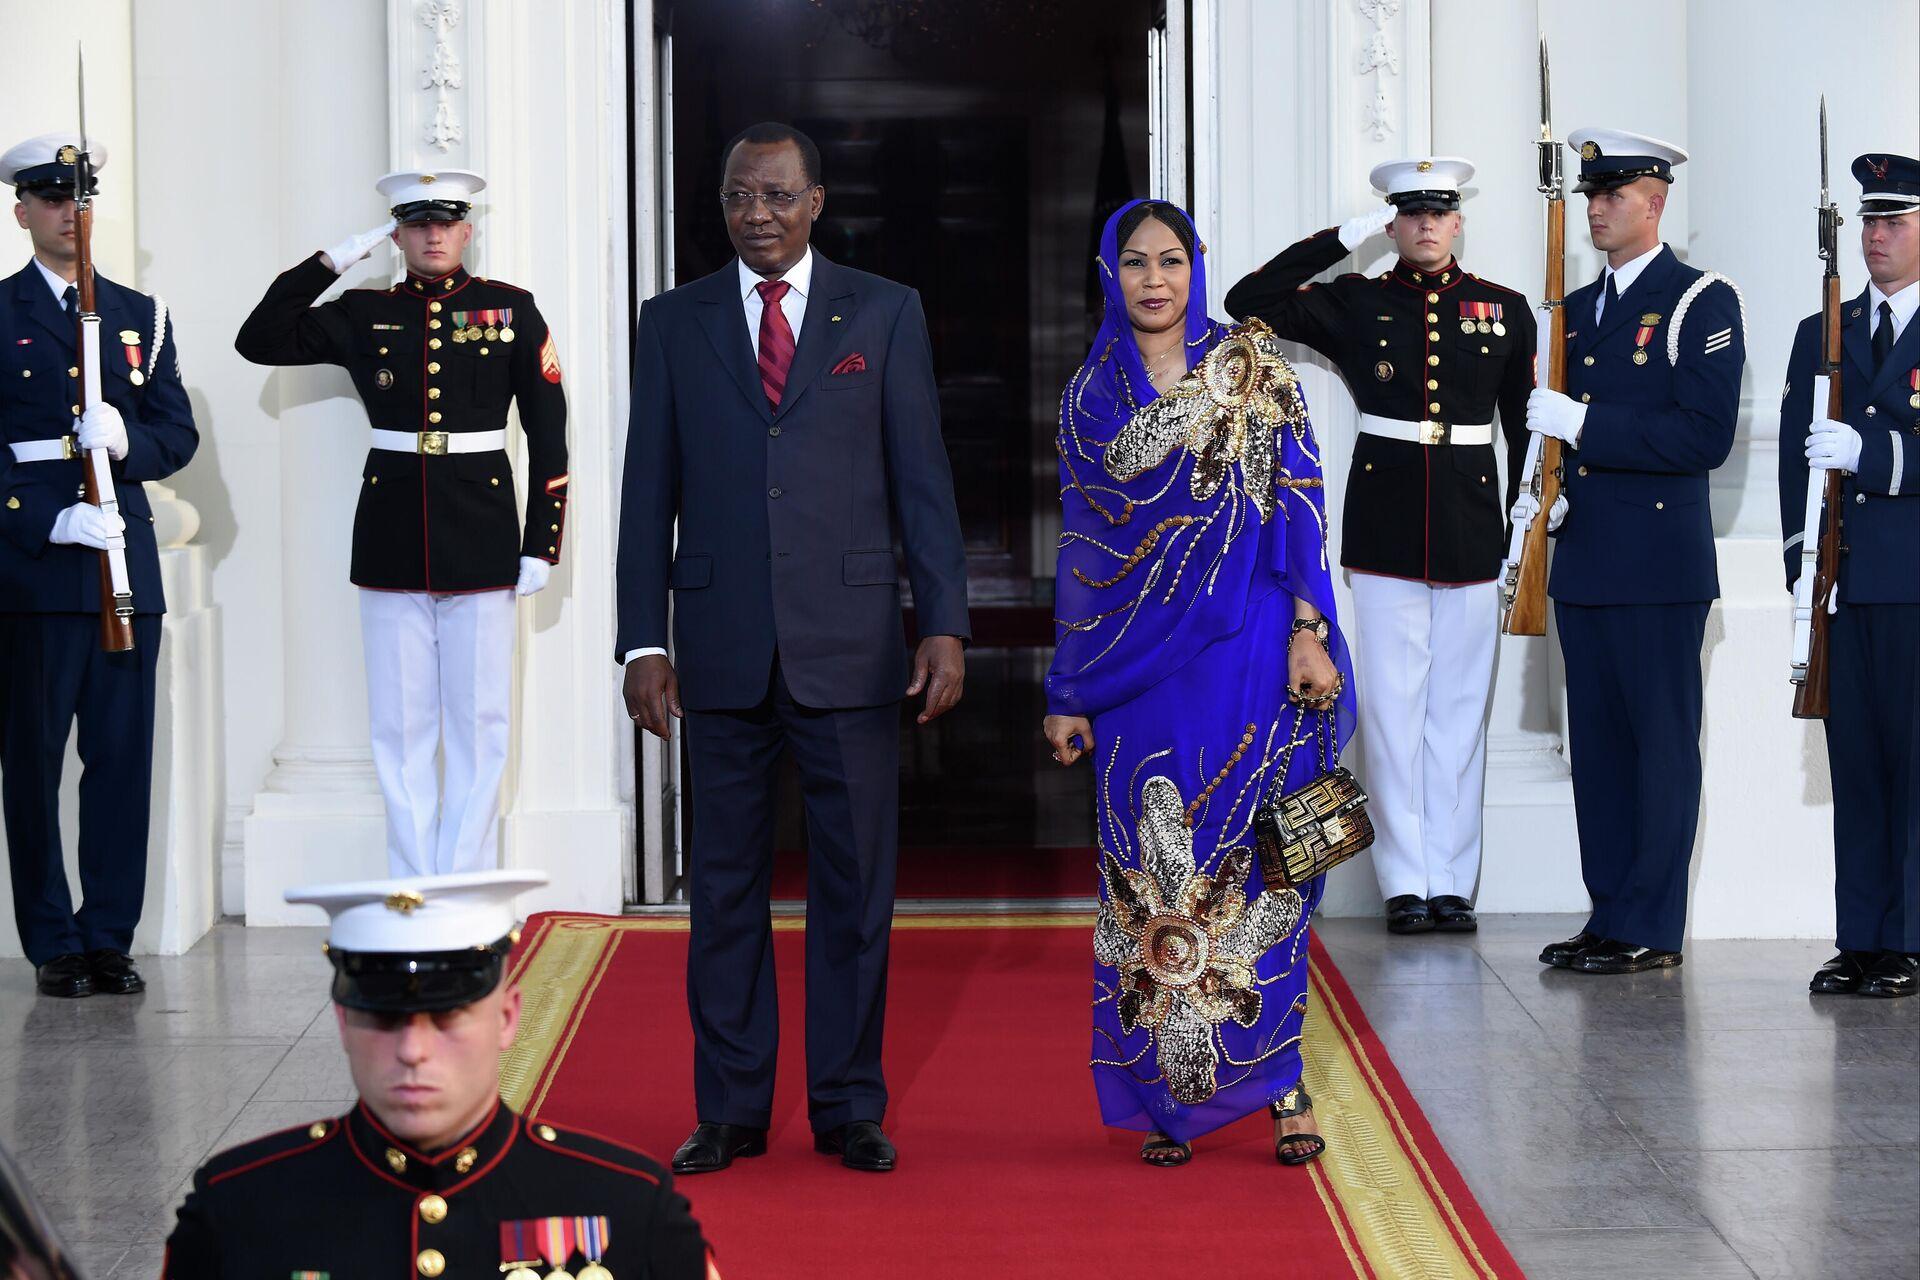 Президент Чада Идрис Деби с супругой Хиндой во время визита в США. 5 августа 2014  - РИА Новости, 1920, 20.04.2021